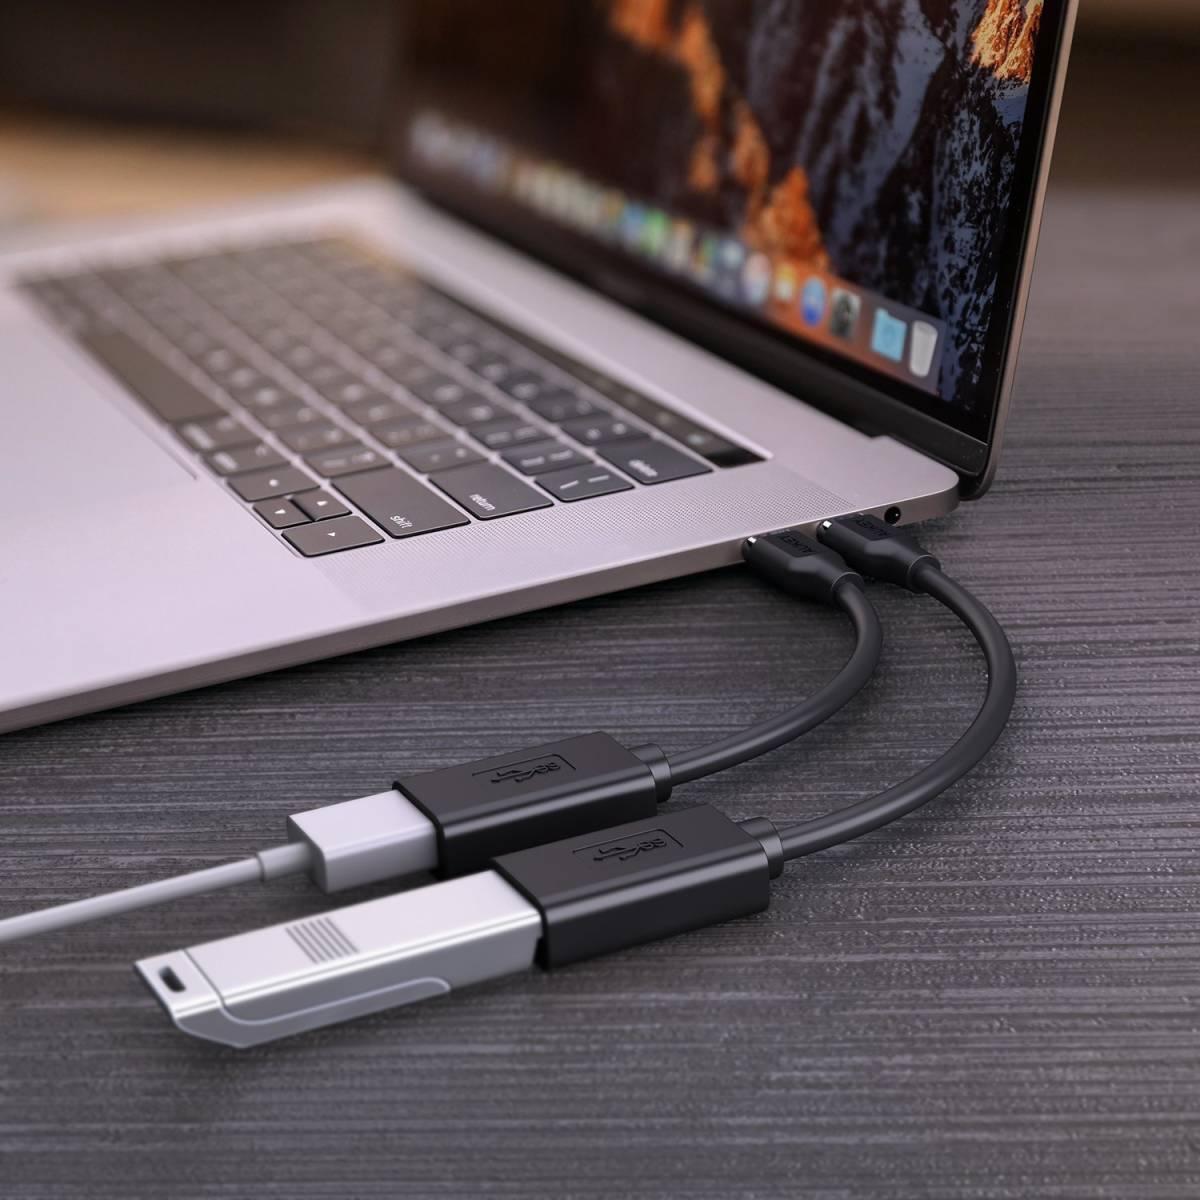 ★未使用★ 2個 セット USB C 変換コネクタ Type C to USB 3.0 OTGケーブル MacBook Galaxy Note etc★ 268720-229_画像3